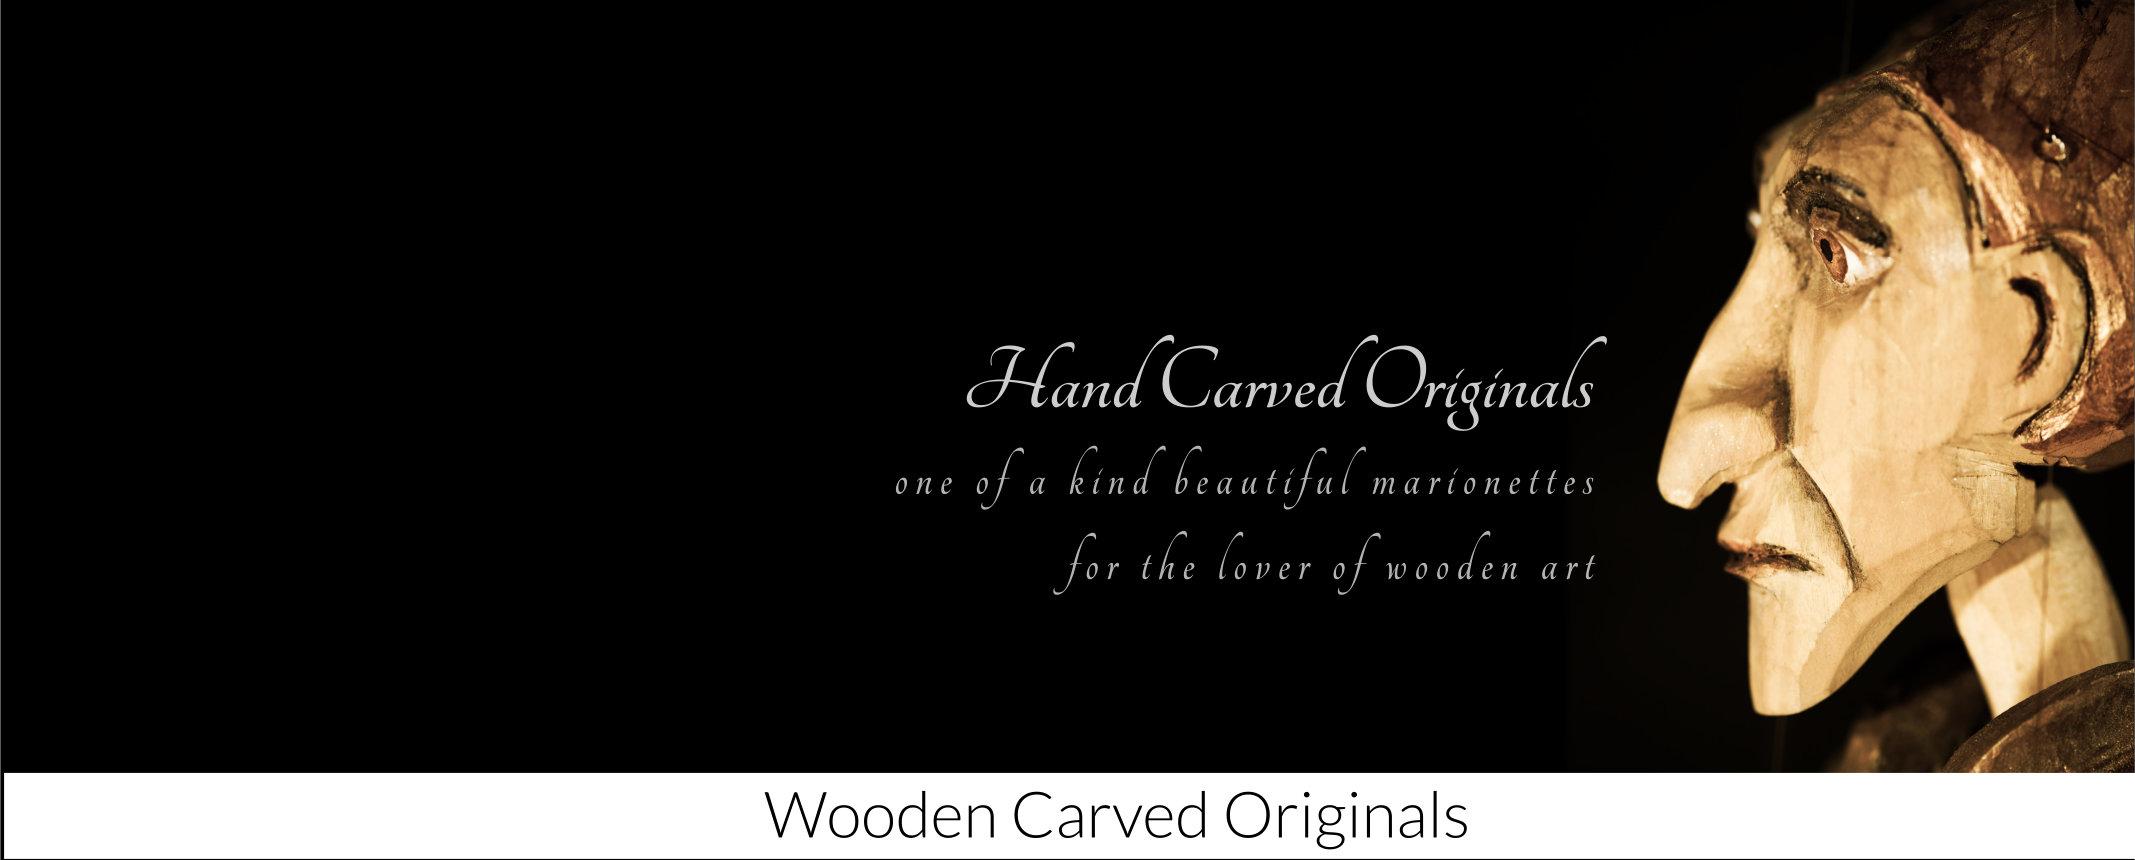 Wooden Carved Originals